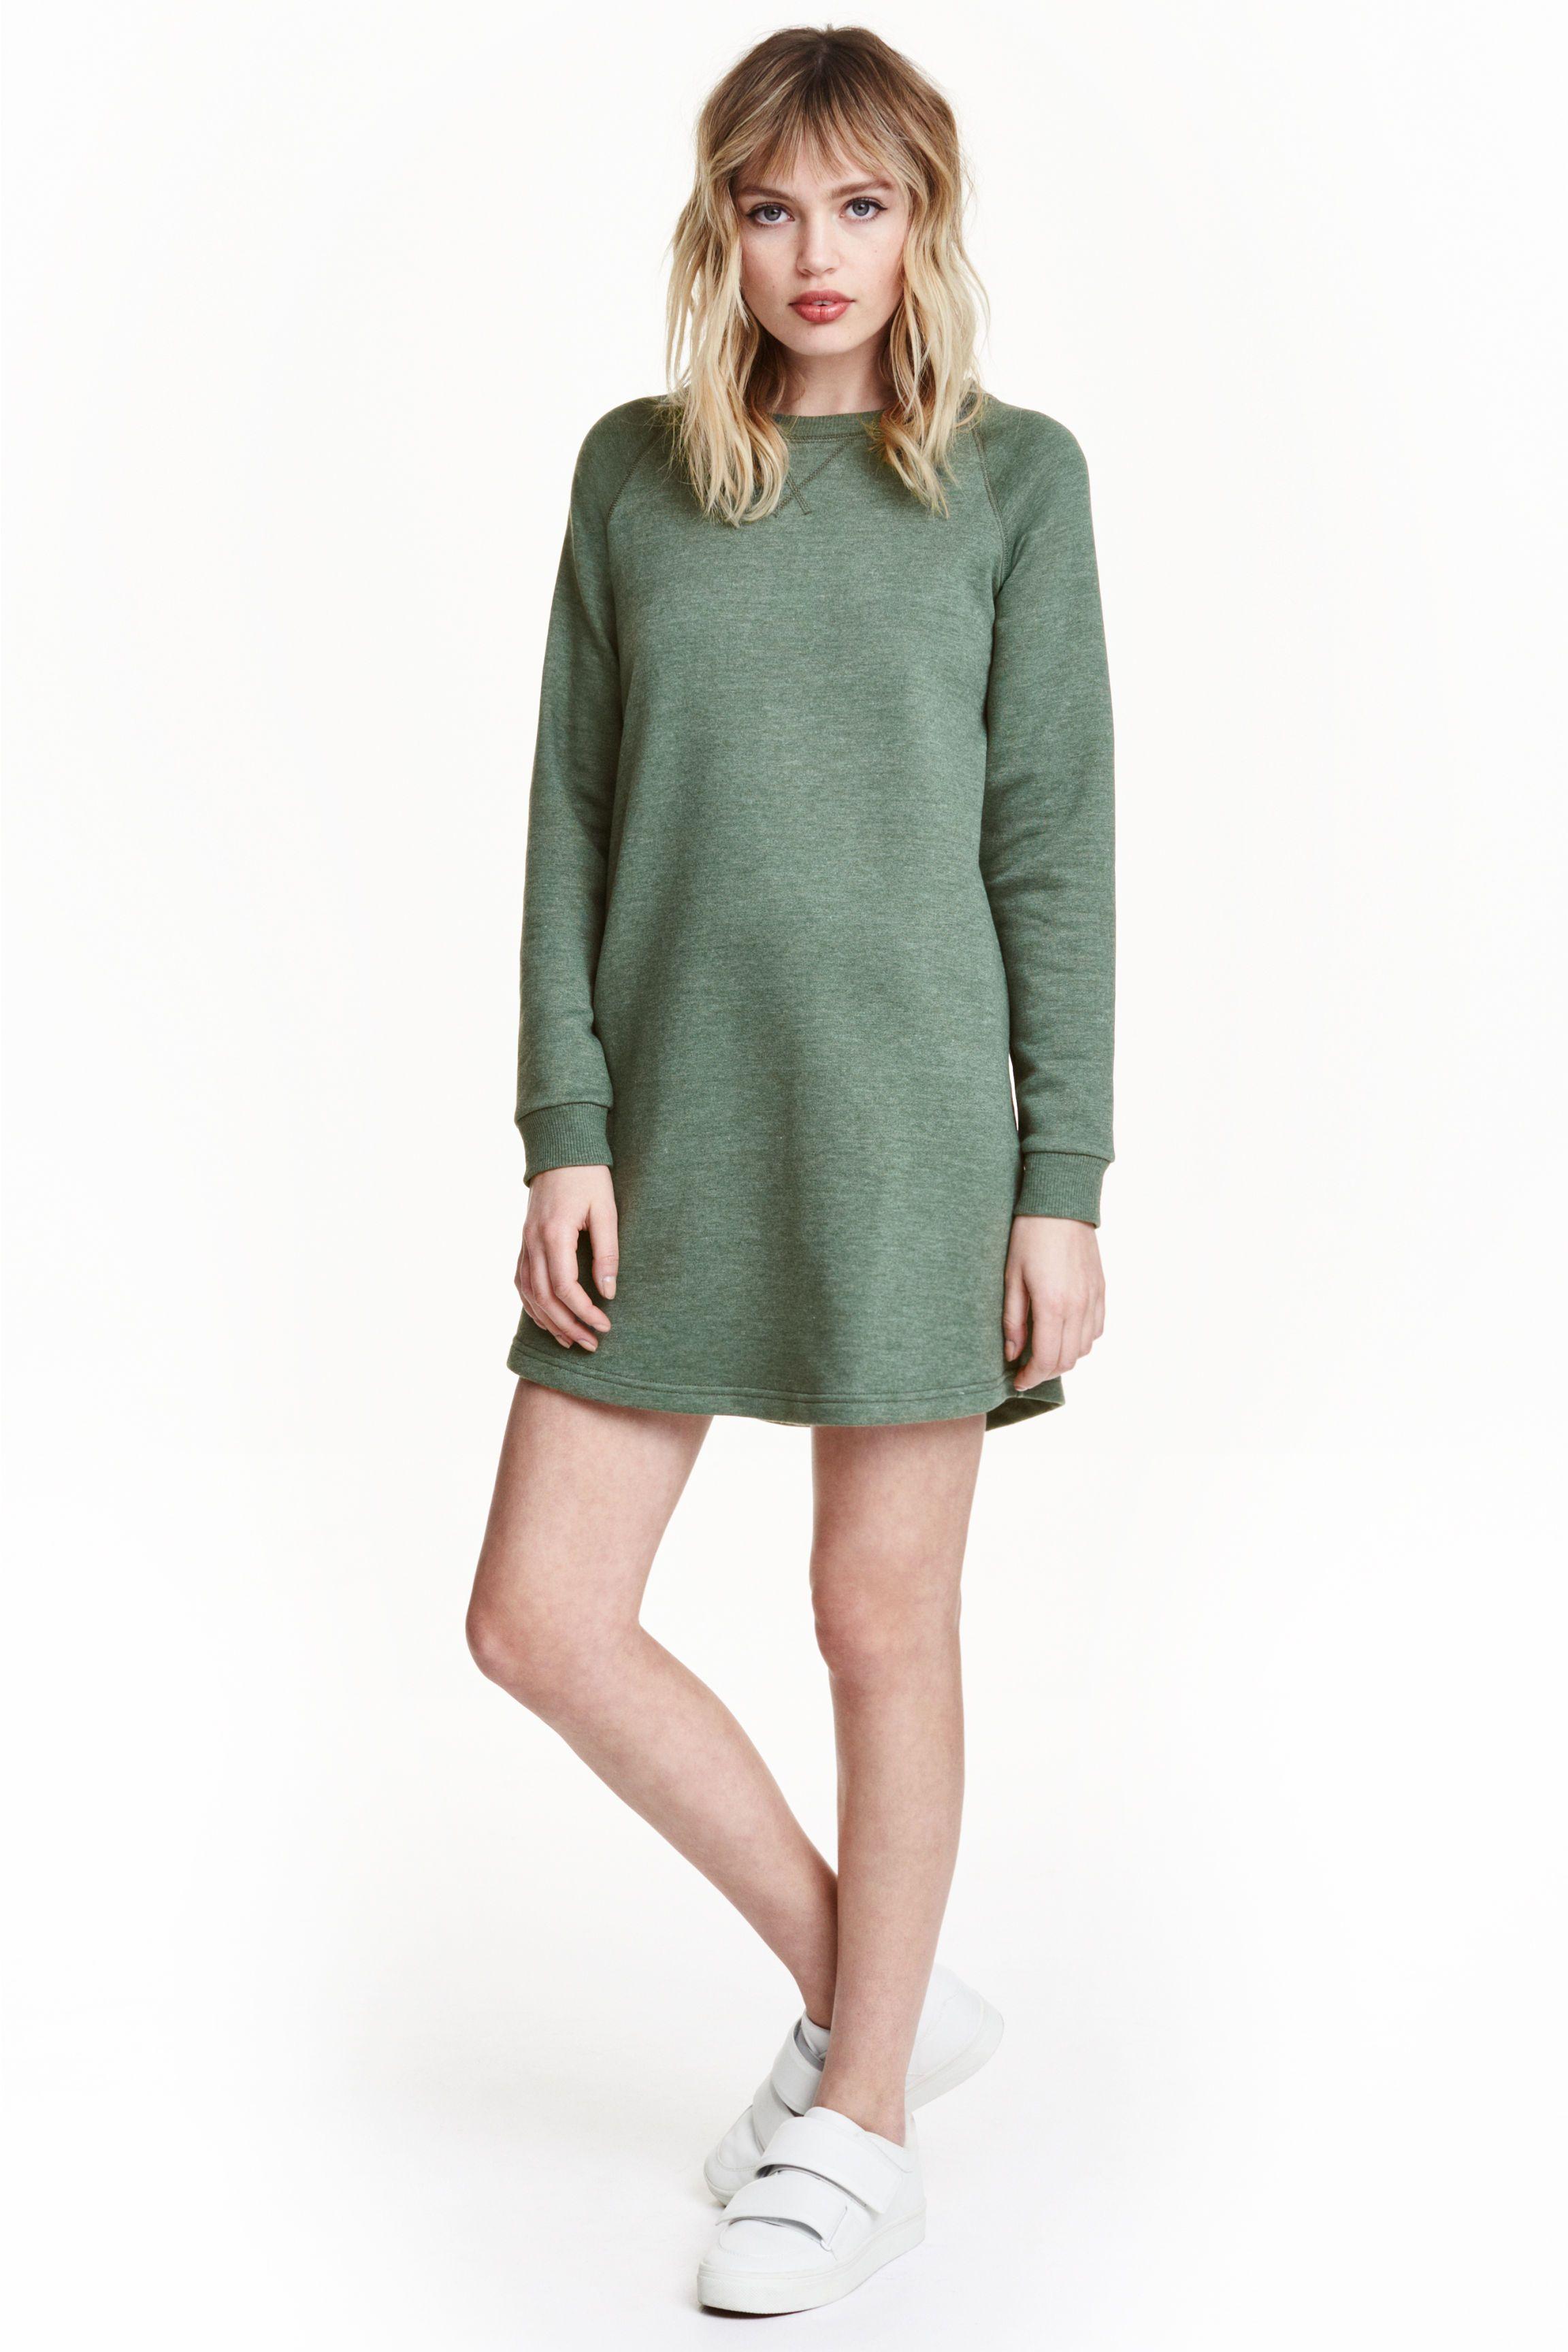 divers styles acheter réel belle et charmante Robe en molleton | Dress en 2019 | Robe, Robe sweat shirt et ...